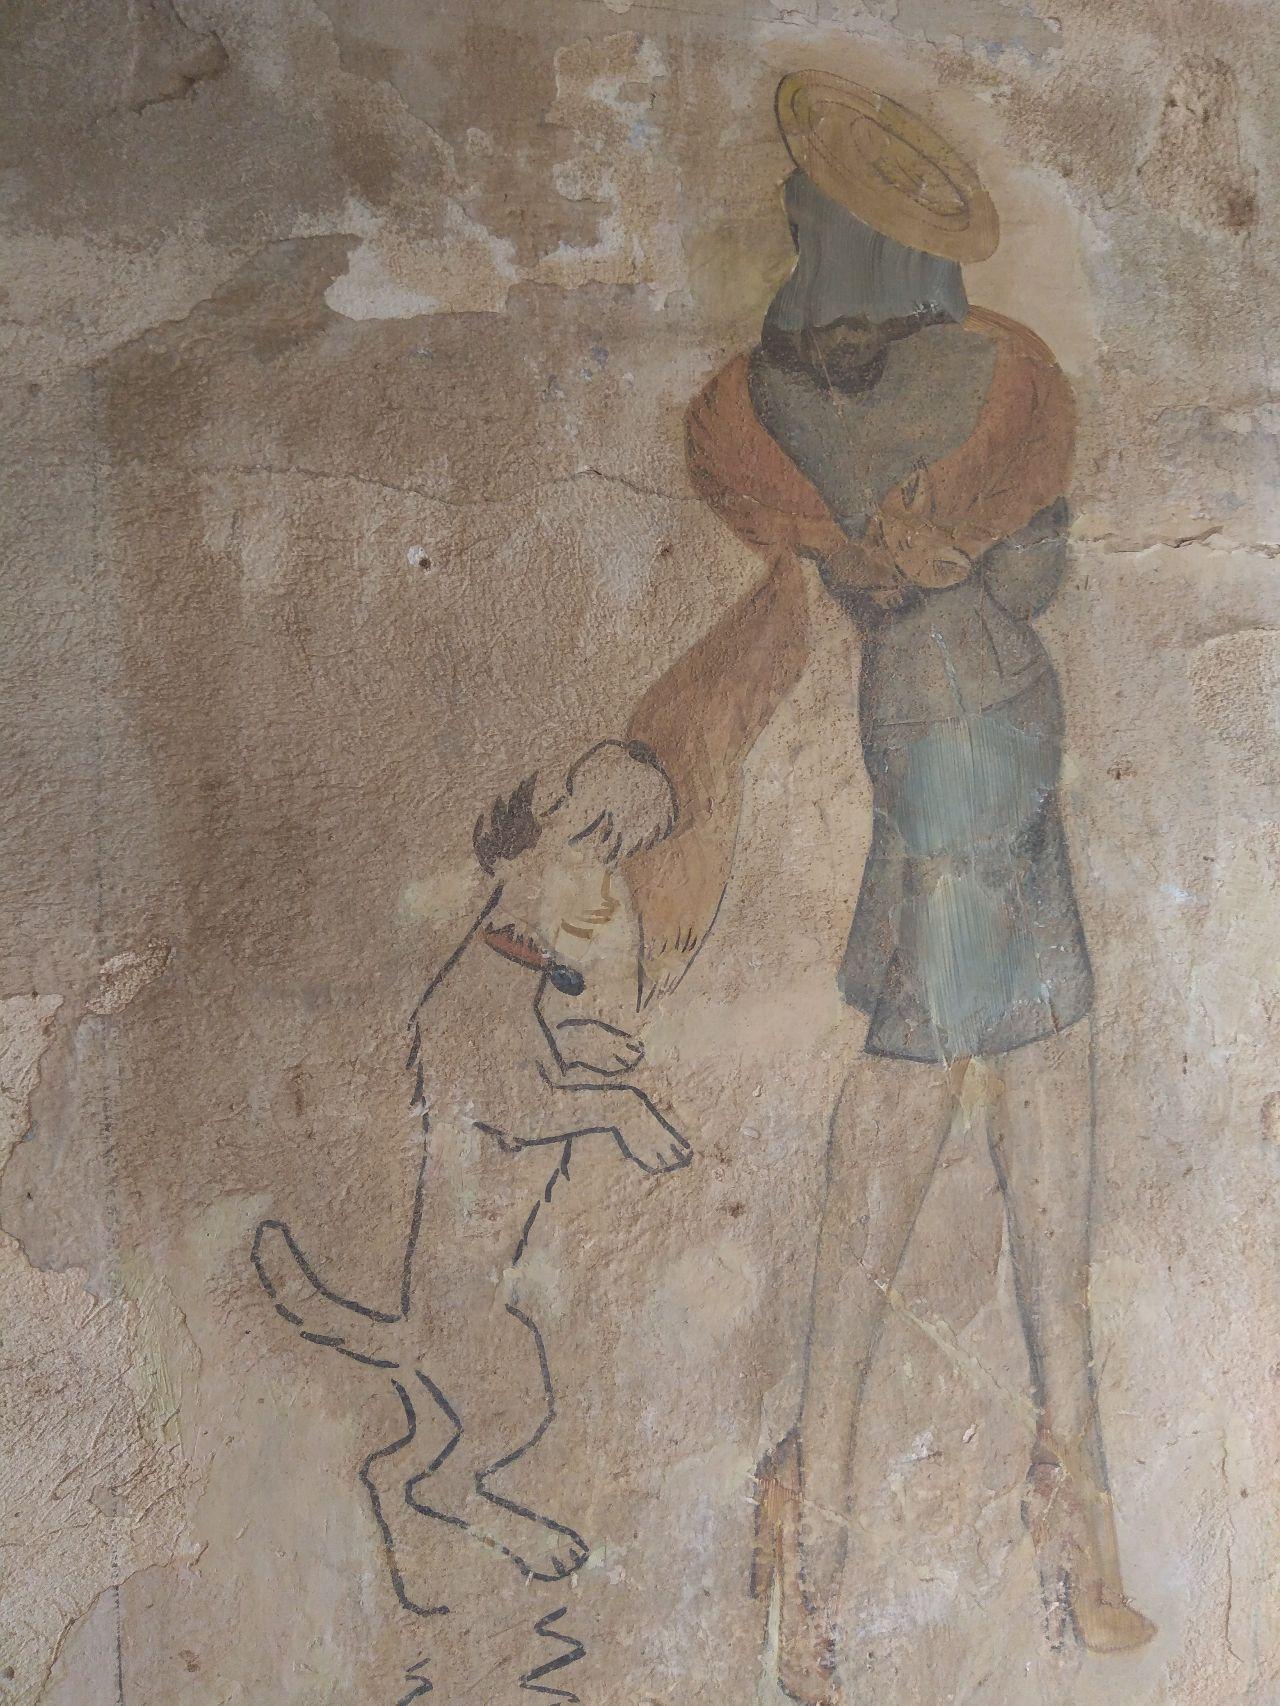 Ο σκύλος με έναν σάλτο αρπάζει την γούνα της αλεπούς από την κυρία.